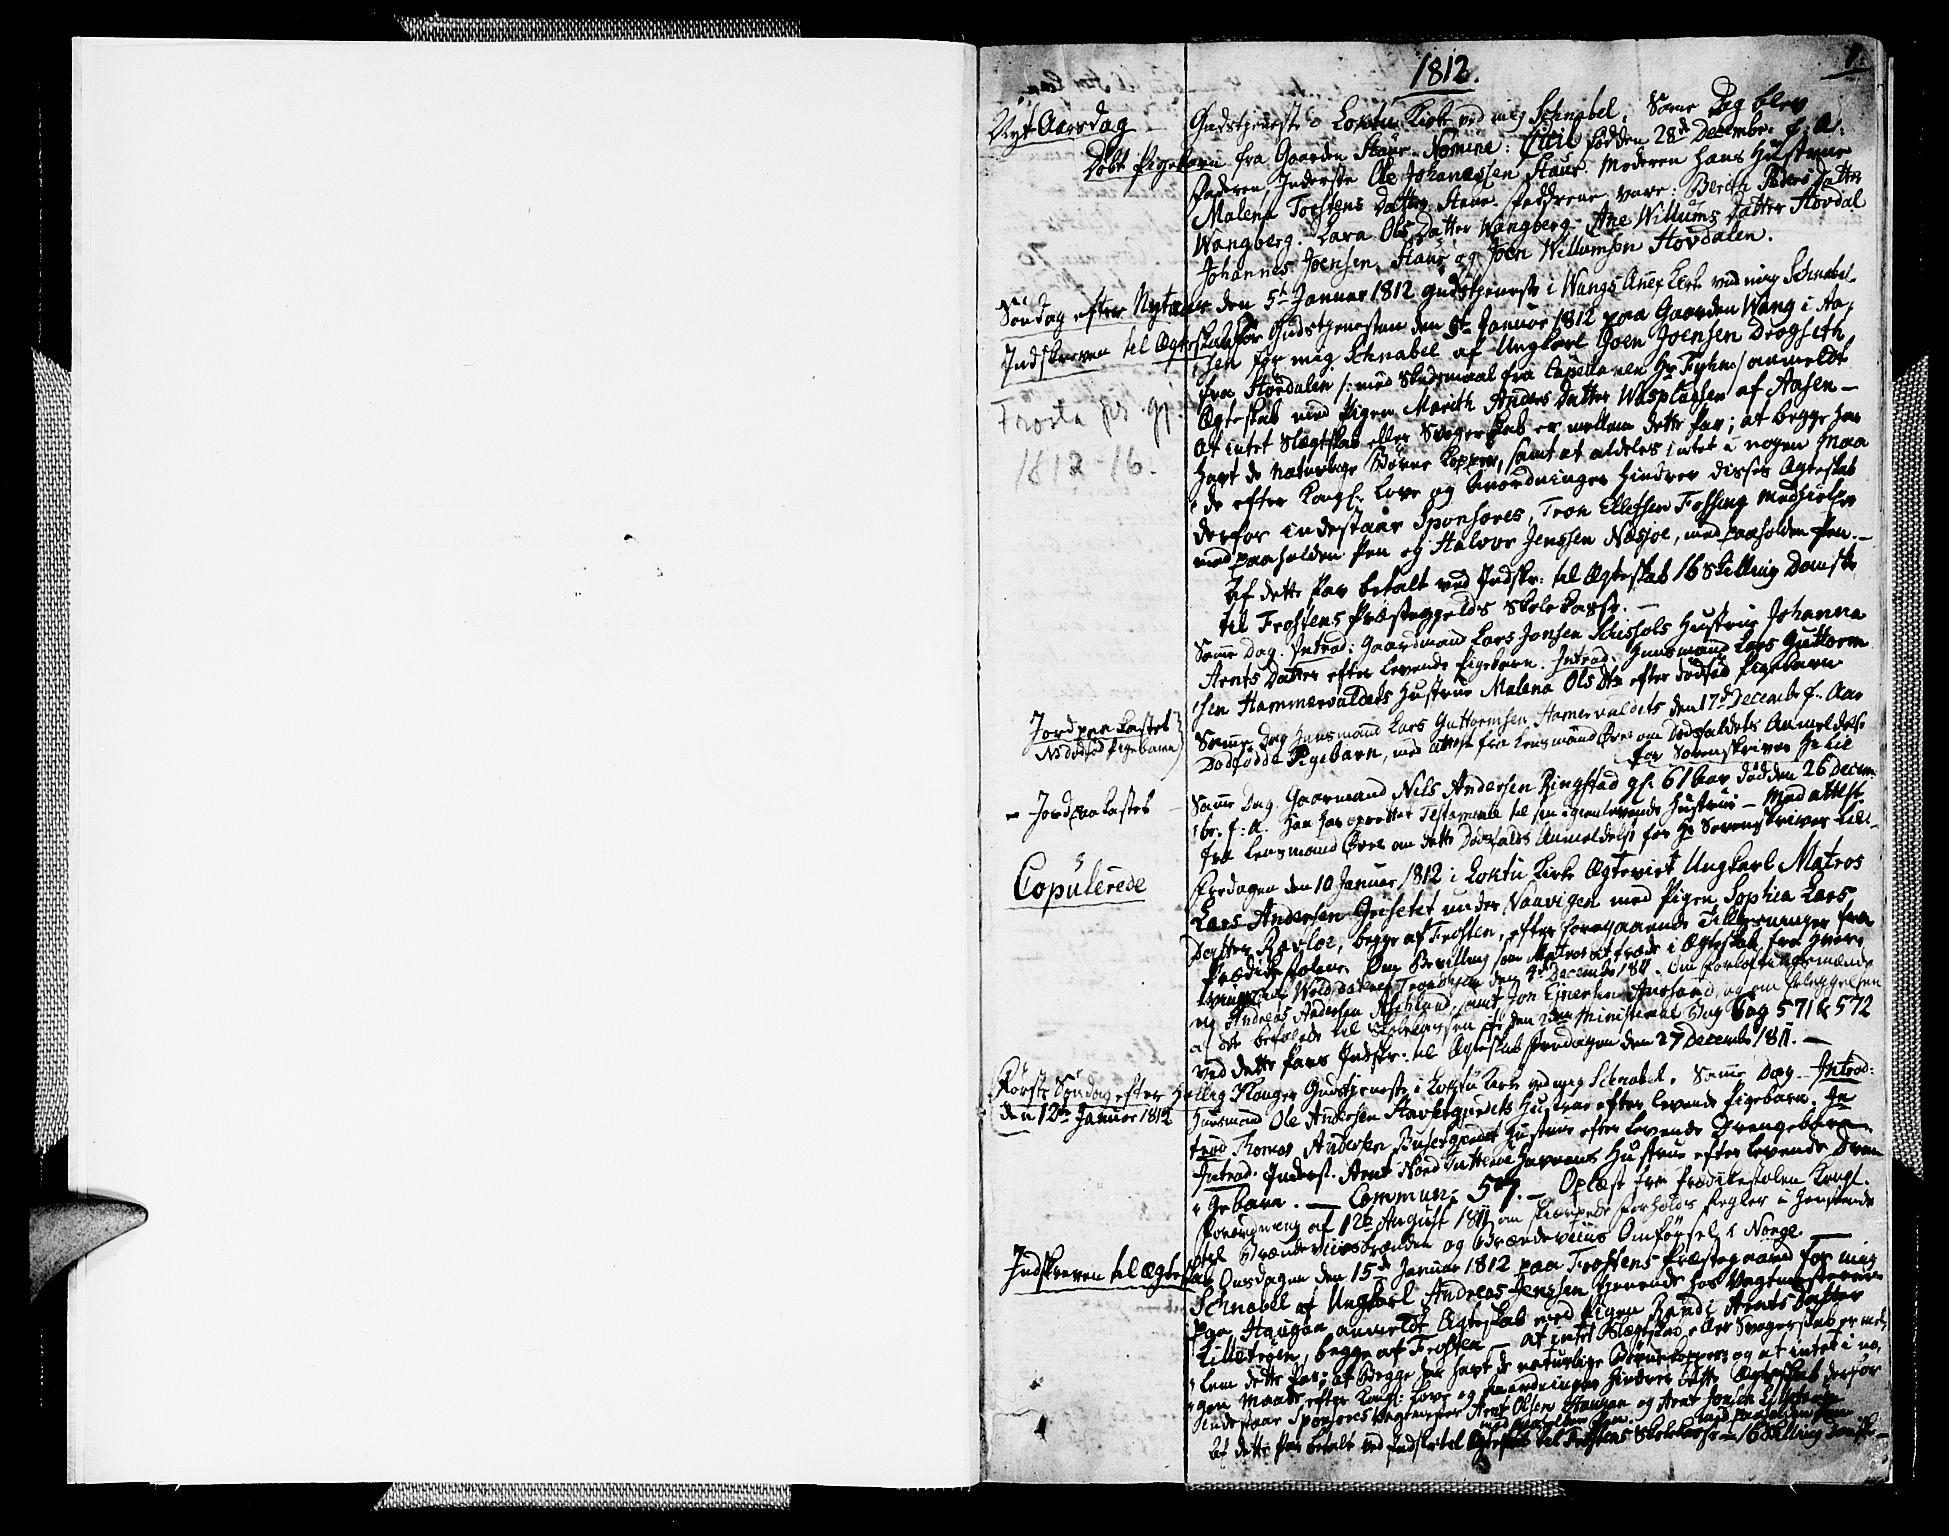 SAT, Ministerialprotokoller, klokkerbøker og fødselsregistre - Nord-Trøndelag, 713/L0111: Ministerialbok nr. 713A03, 1812-1816, s. 0-1